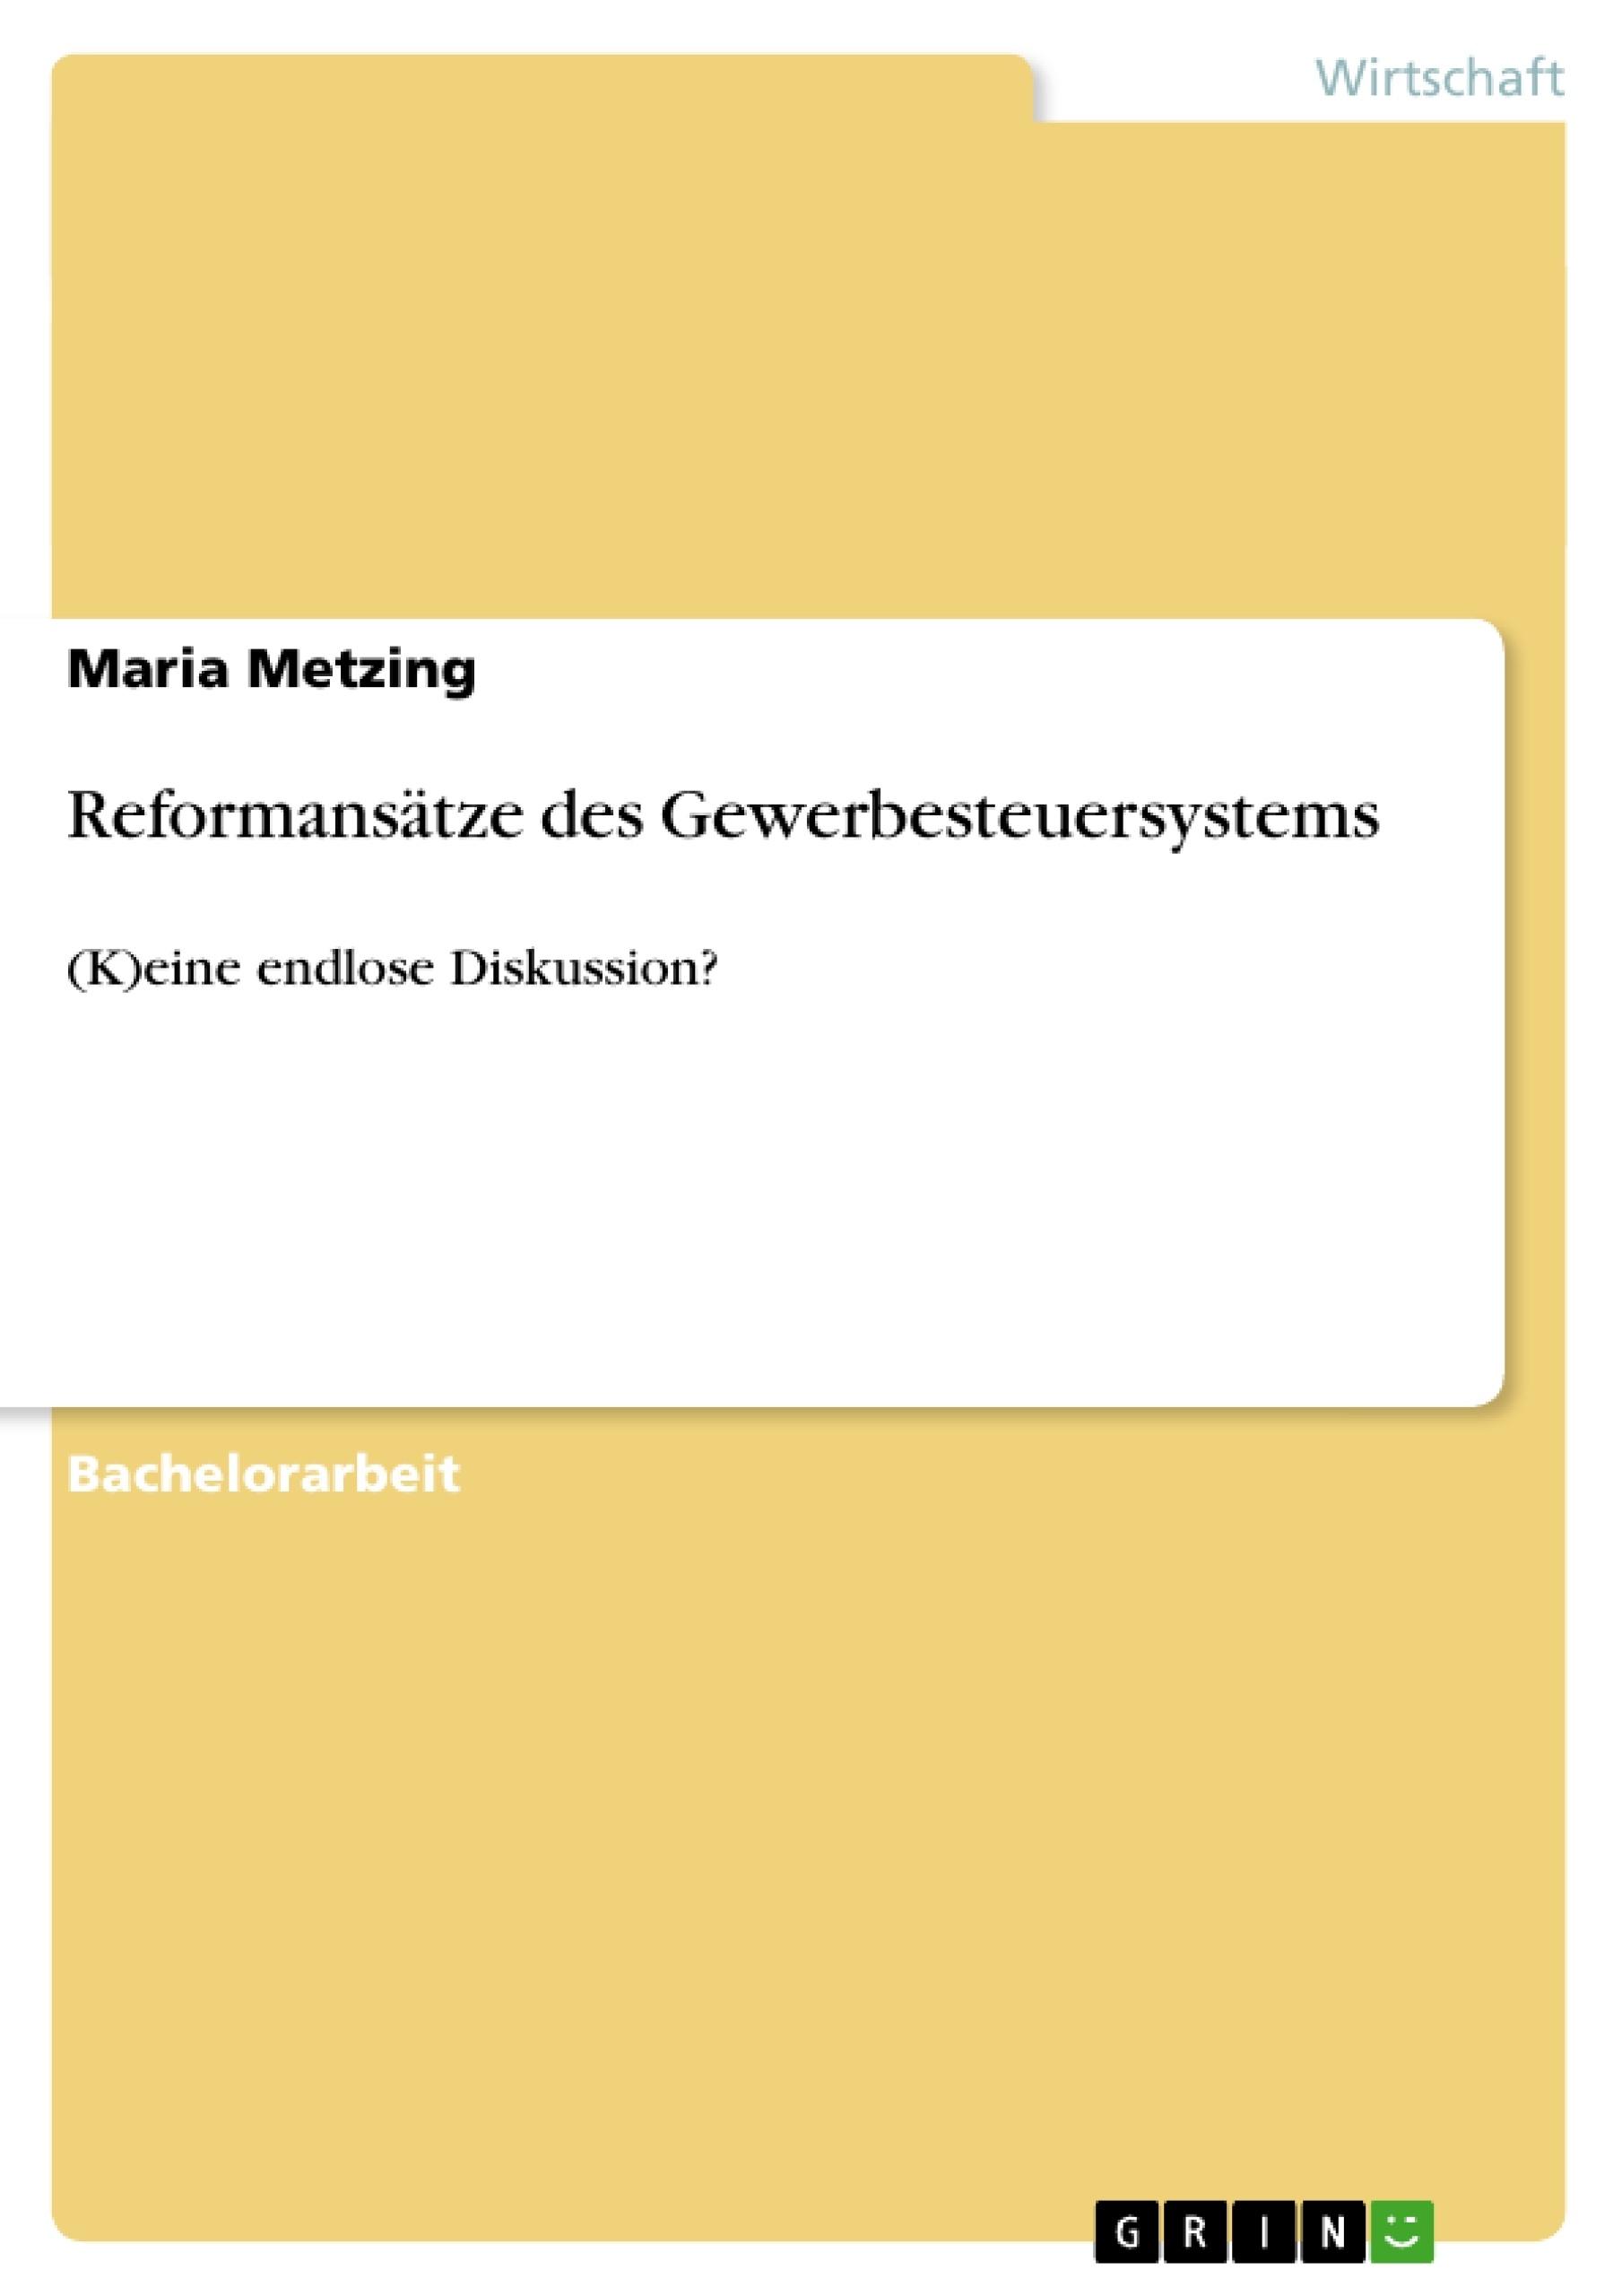 Titel: Reformansätze des Gewerbesteuersystems